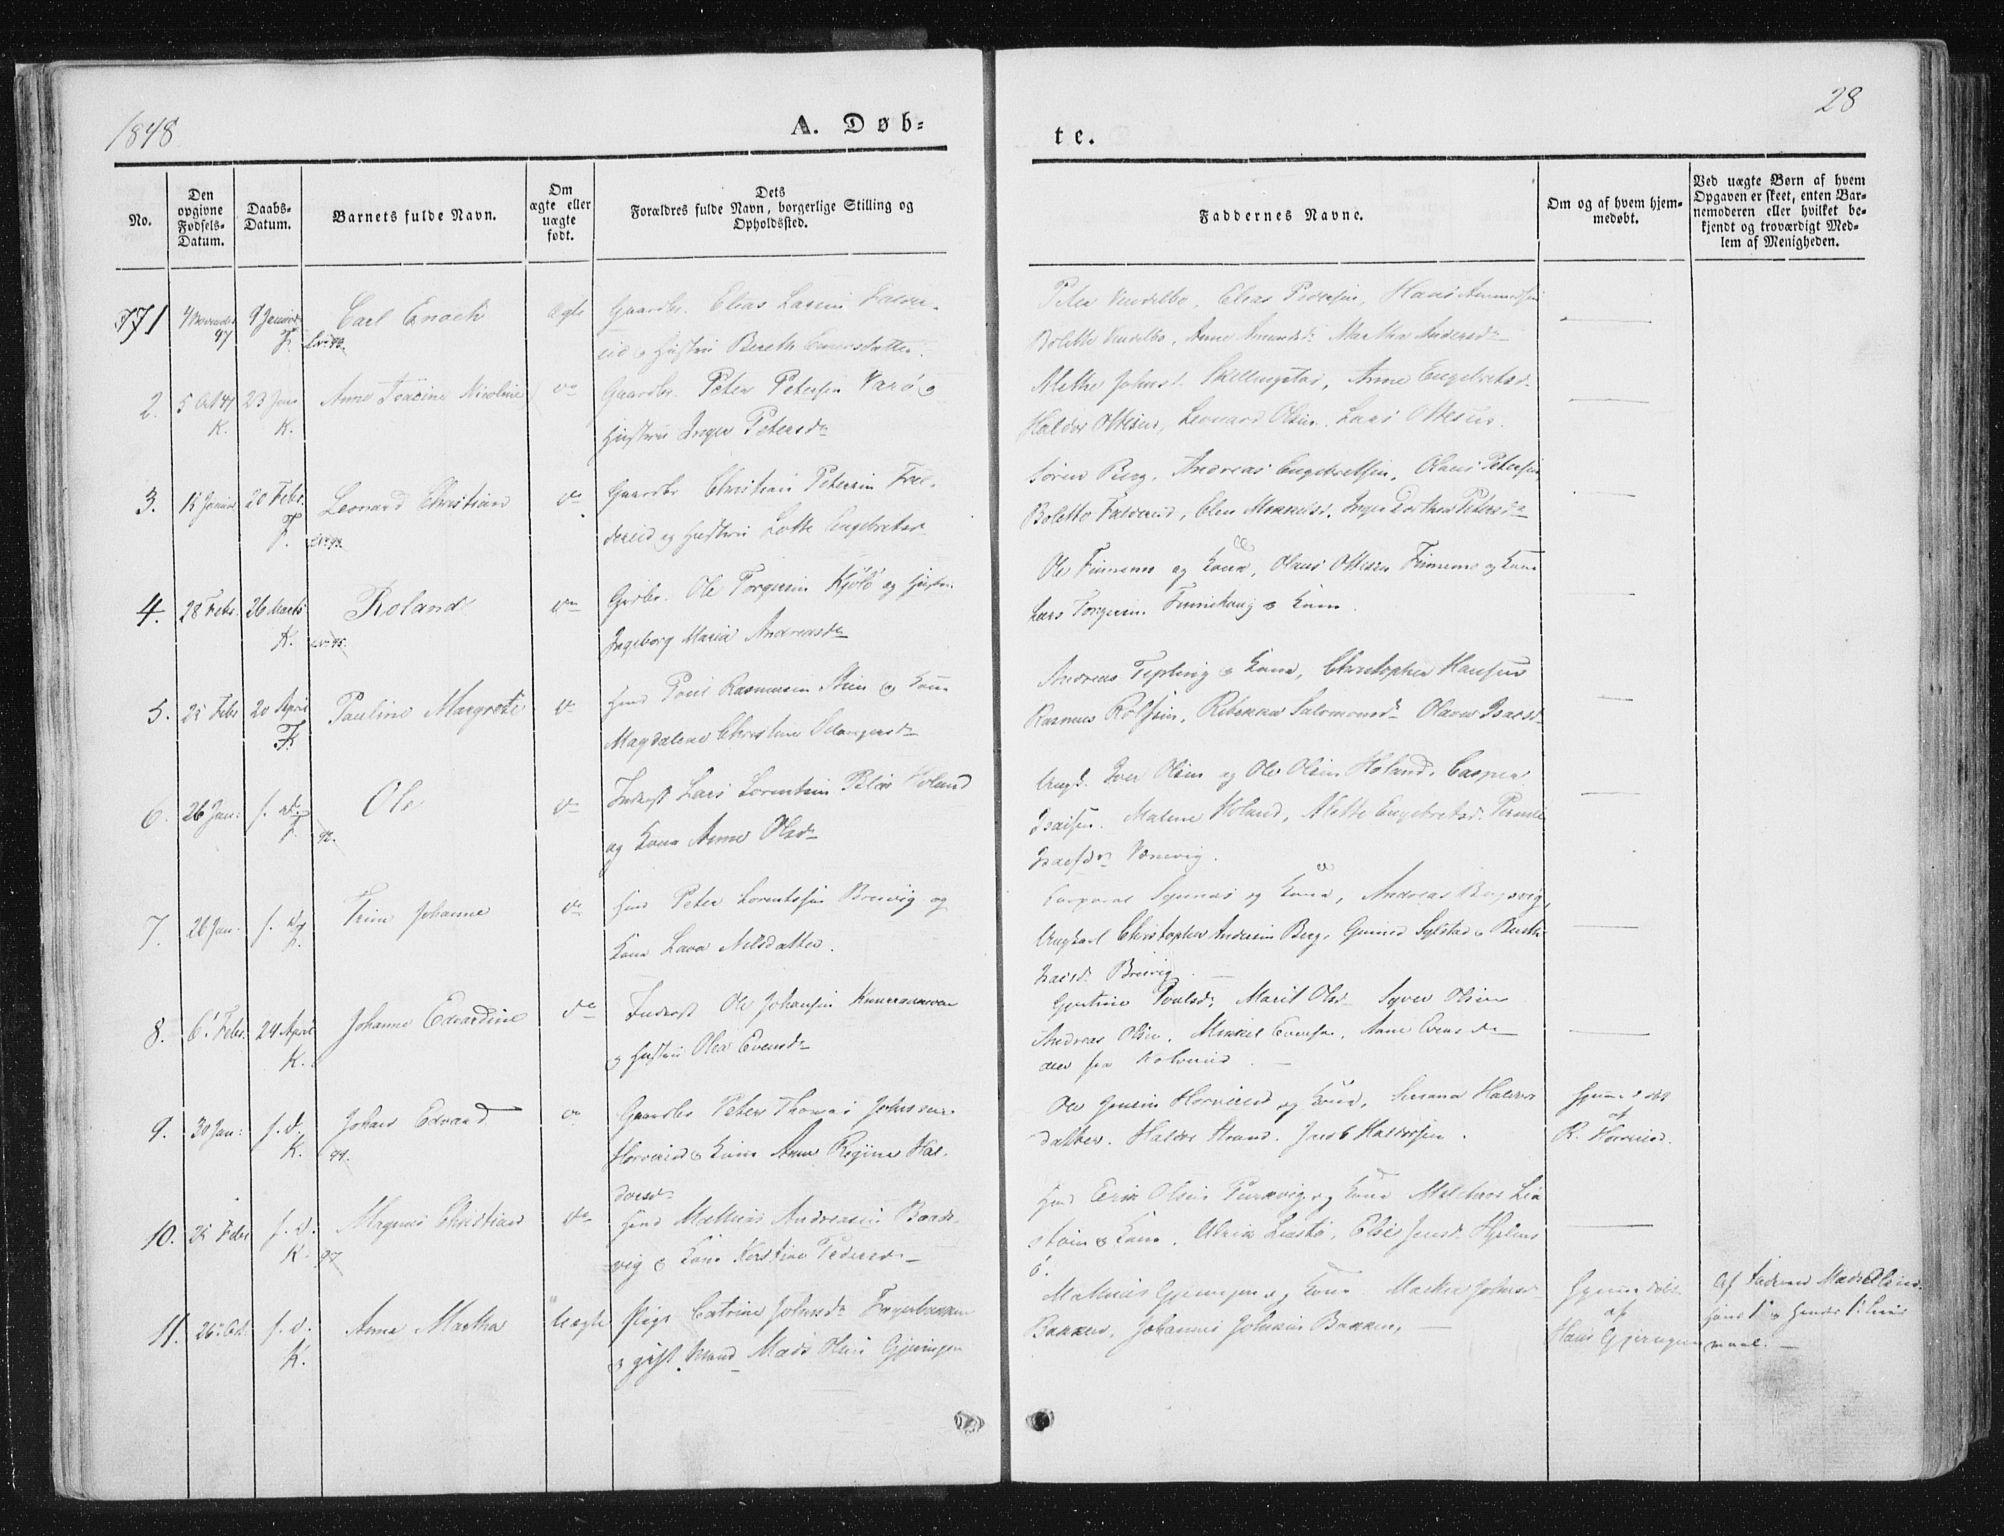 SAT, Ministerialprotokoller, klokkerbøker og fødselsregistre - Nord-Trøndelag, 780/L0640: Ministerialbok nr. 780A05, 1845-1856, s. 28